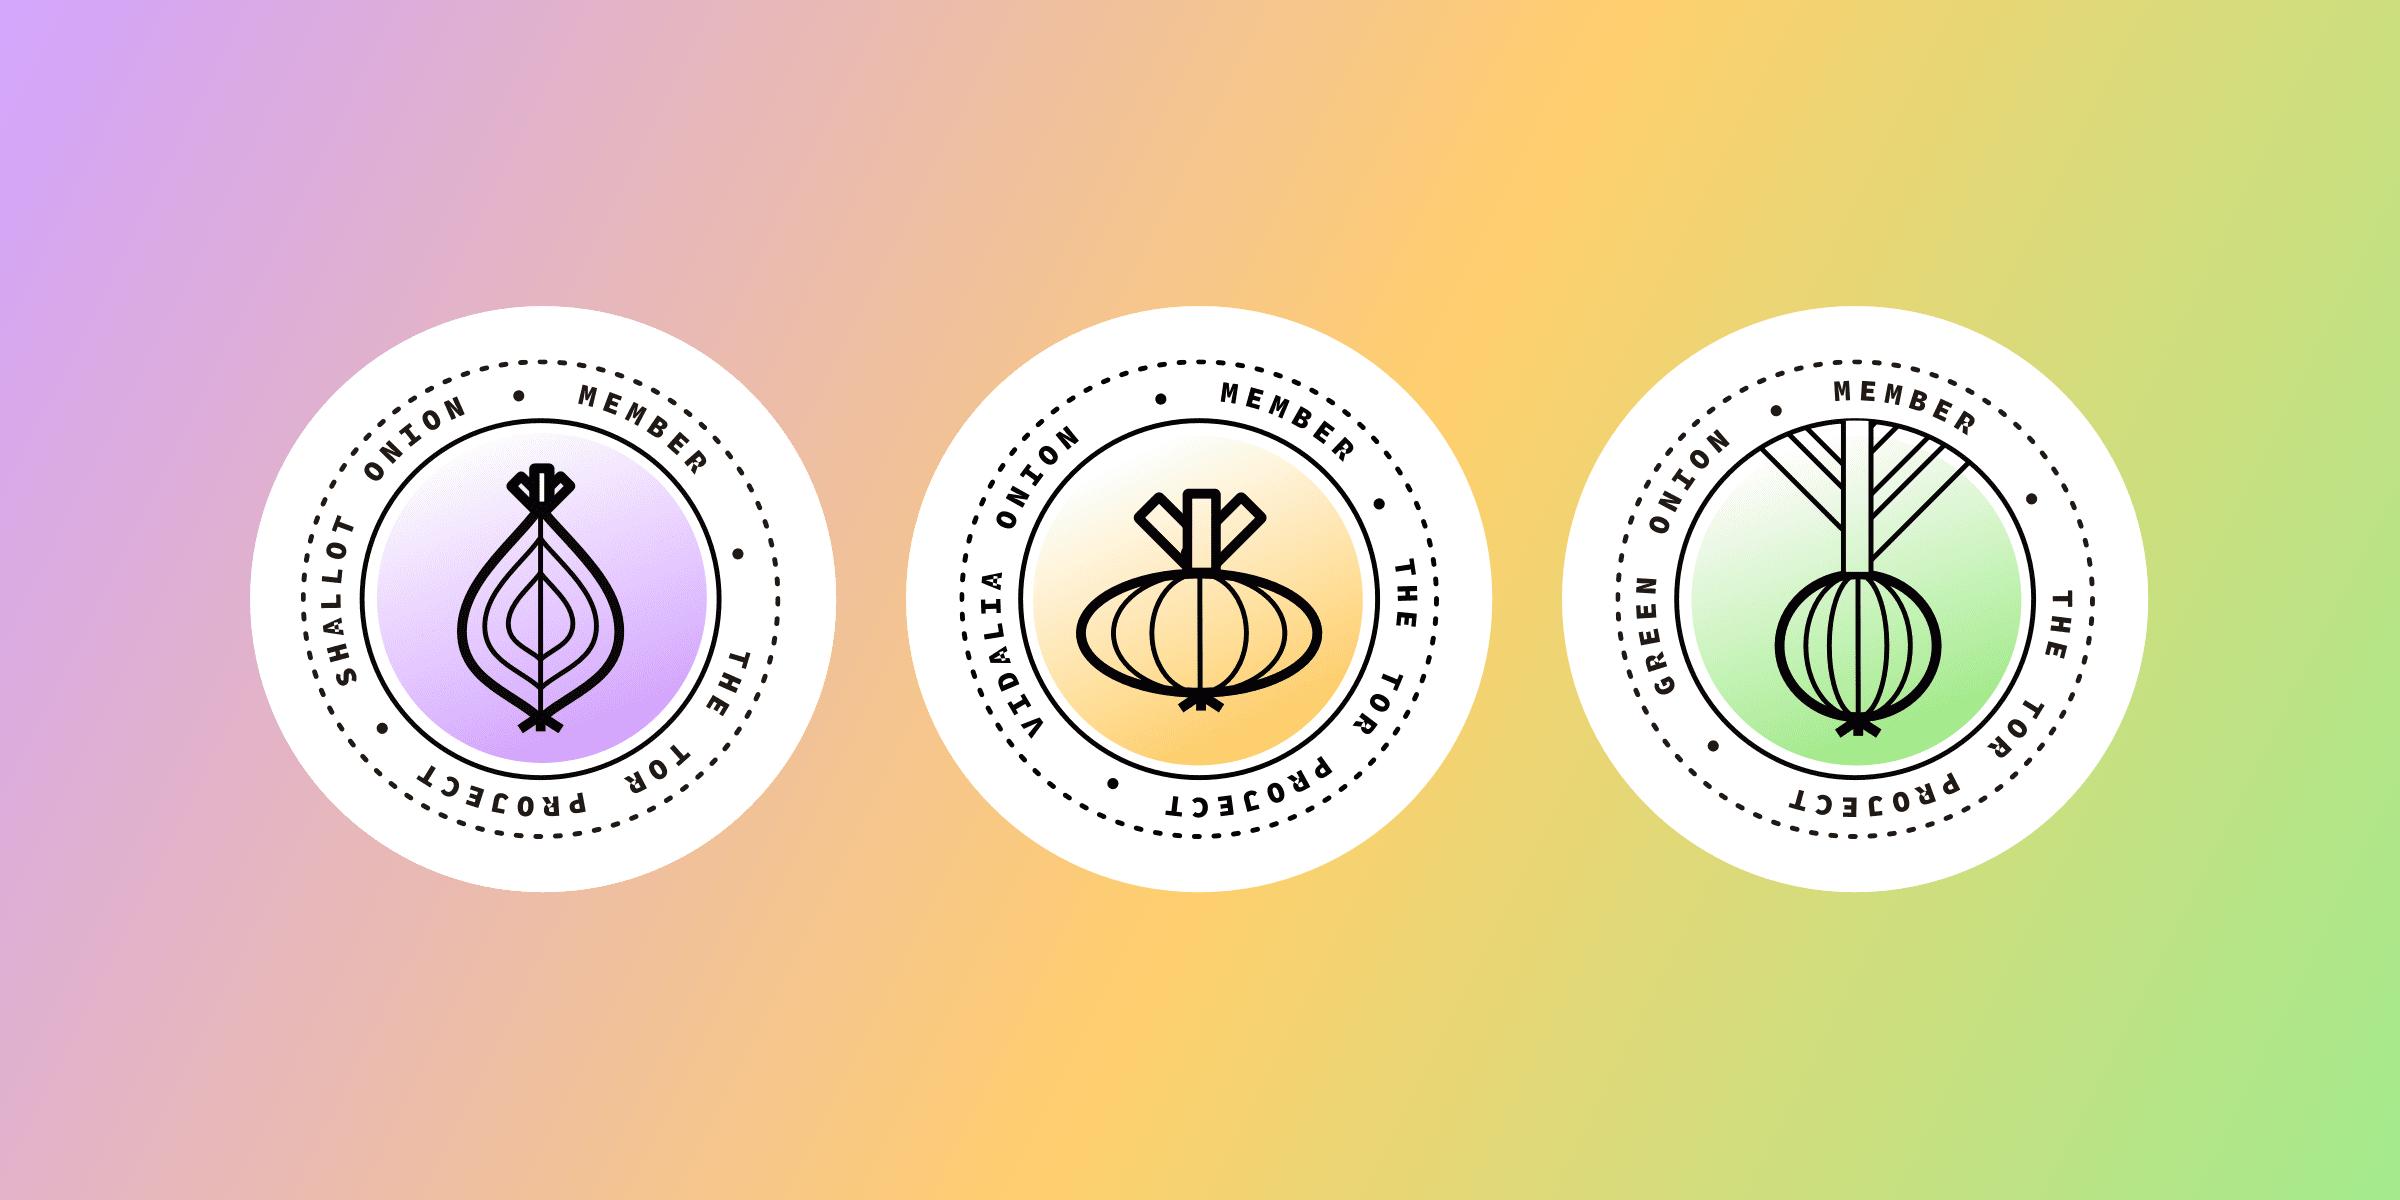 Green Onion Membership, Vadalia Membership, Shallot Membership